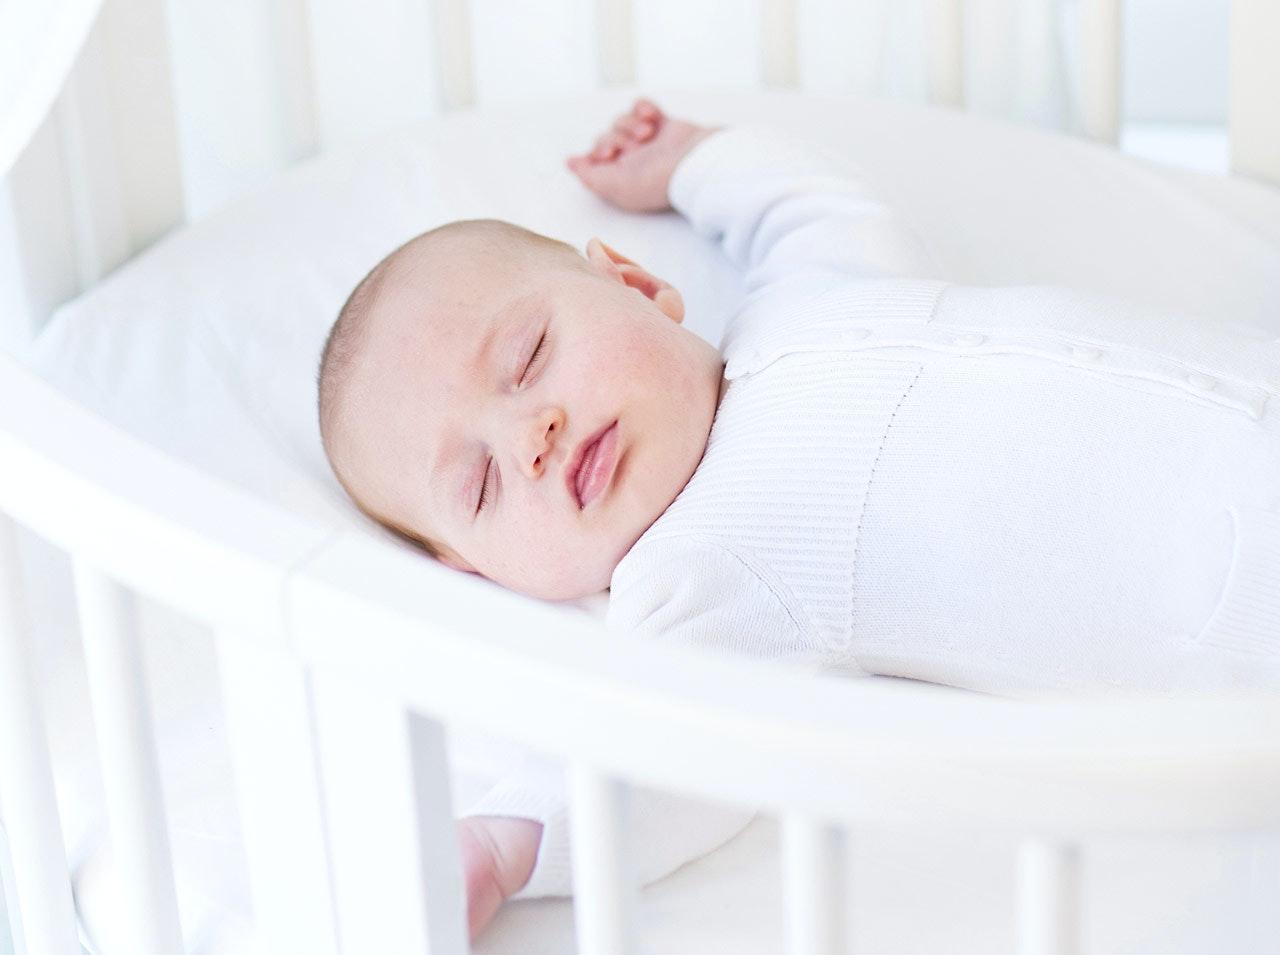 Sommeil : faut-il utiliser un cale-bébé ?